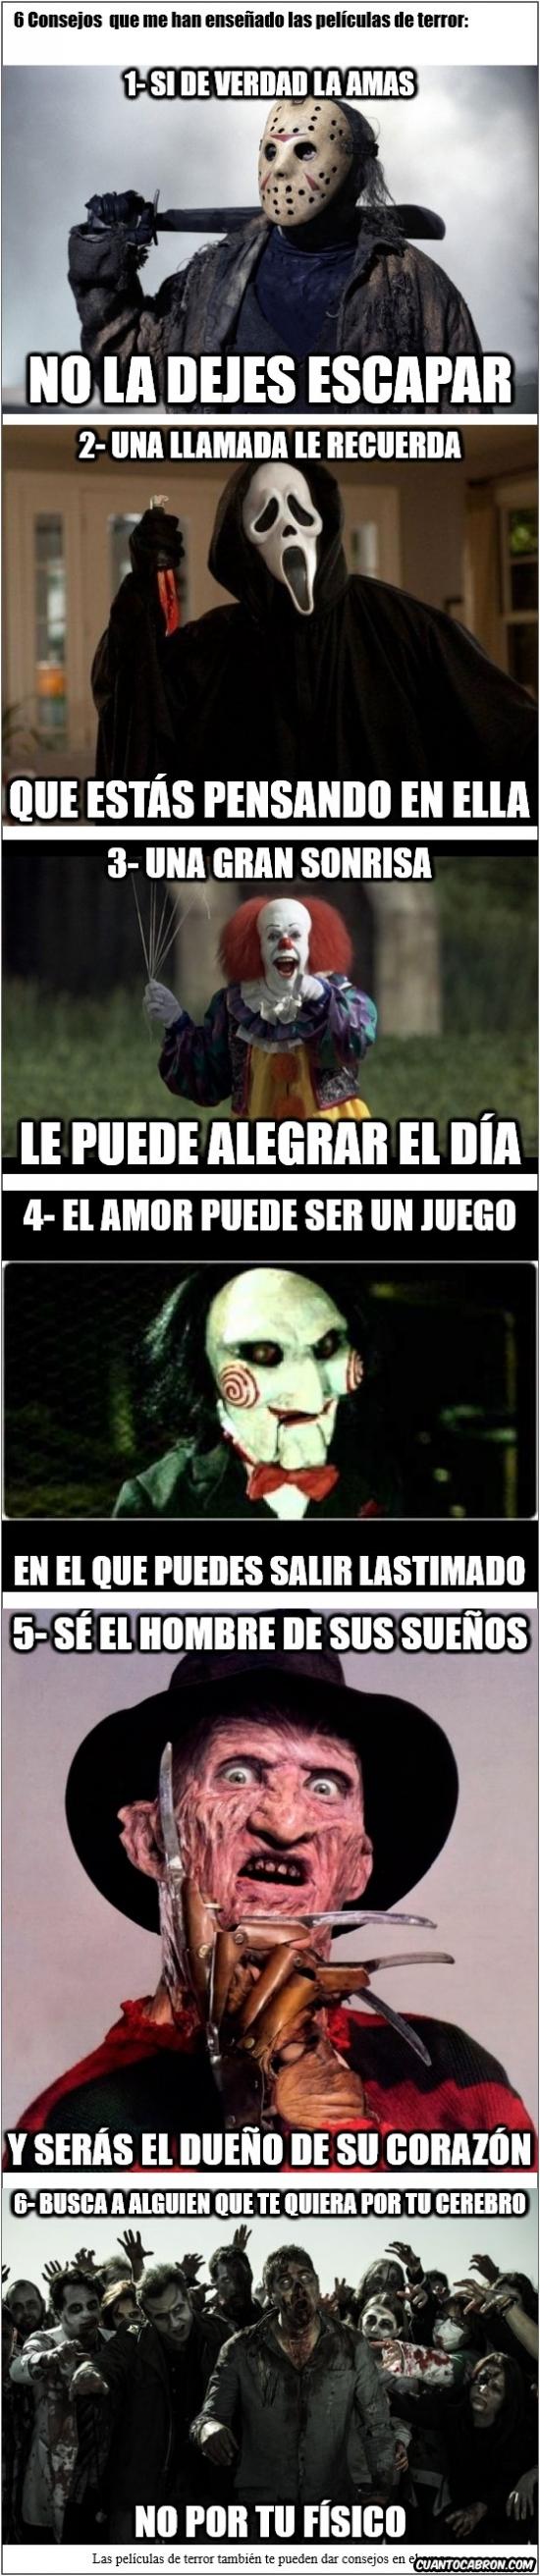 Meme_otros - Las películas de terror también te pueden dar consejos en el amor